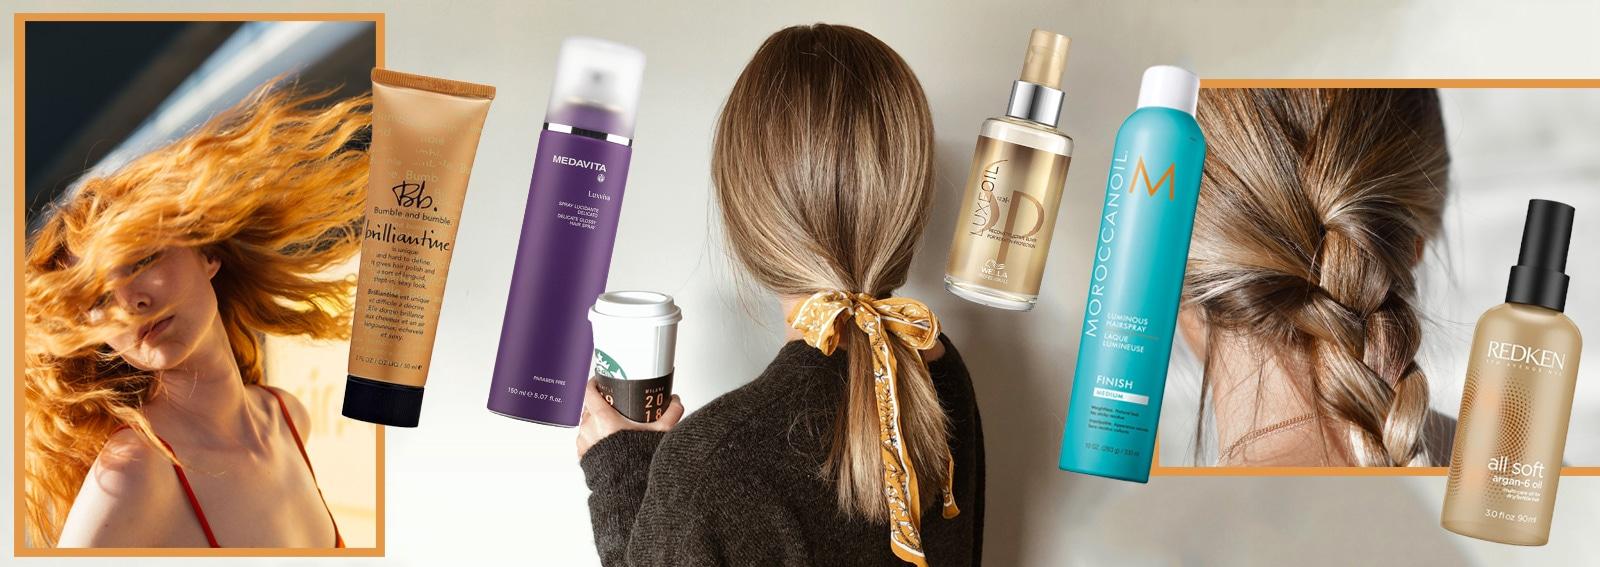 cover-come-avere-capelli-luminosi-ecco-desktop